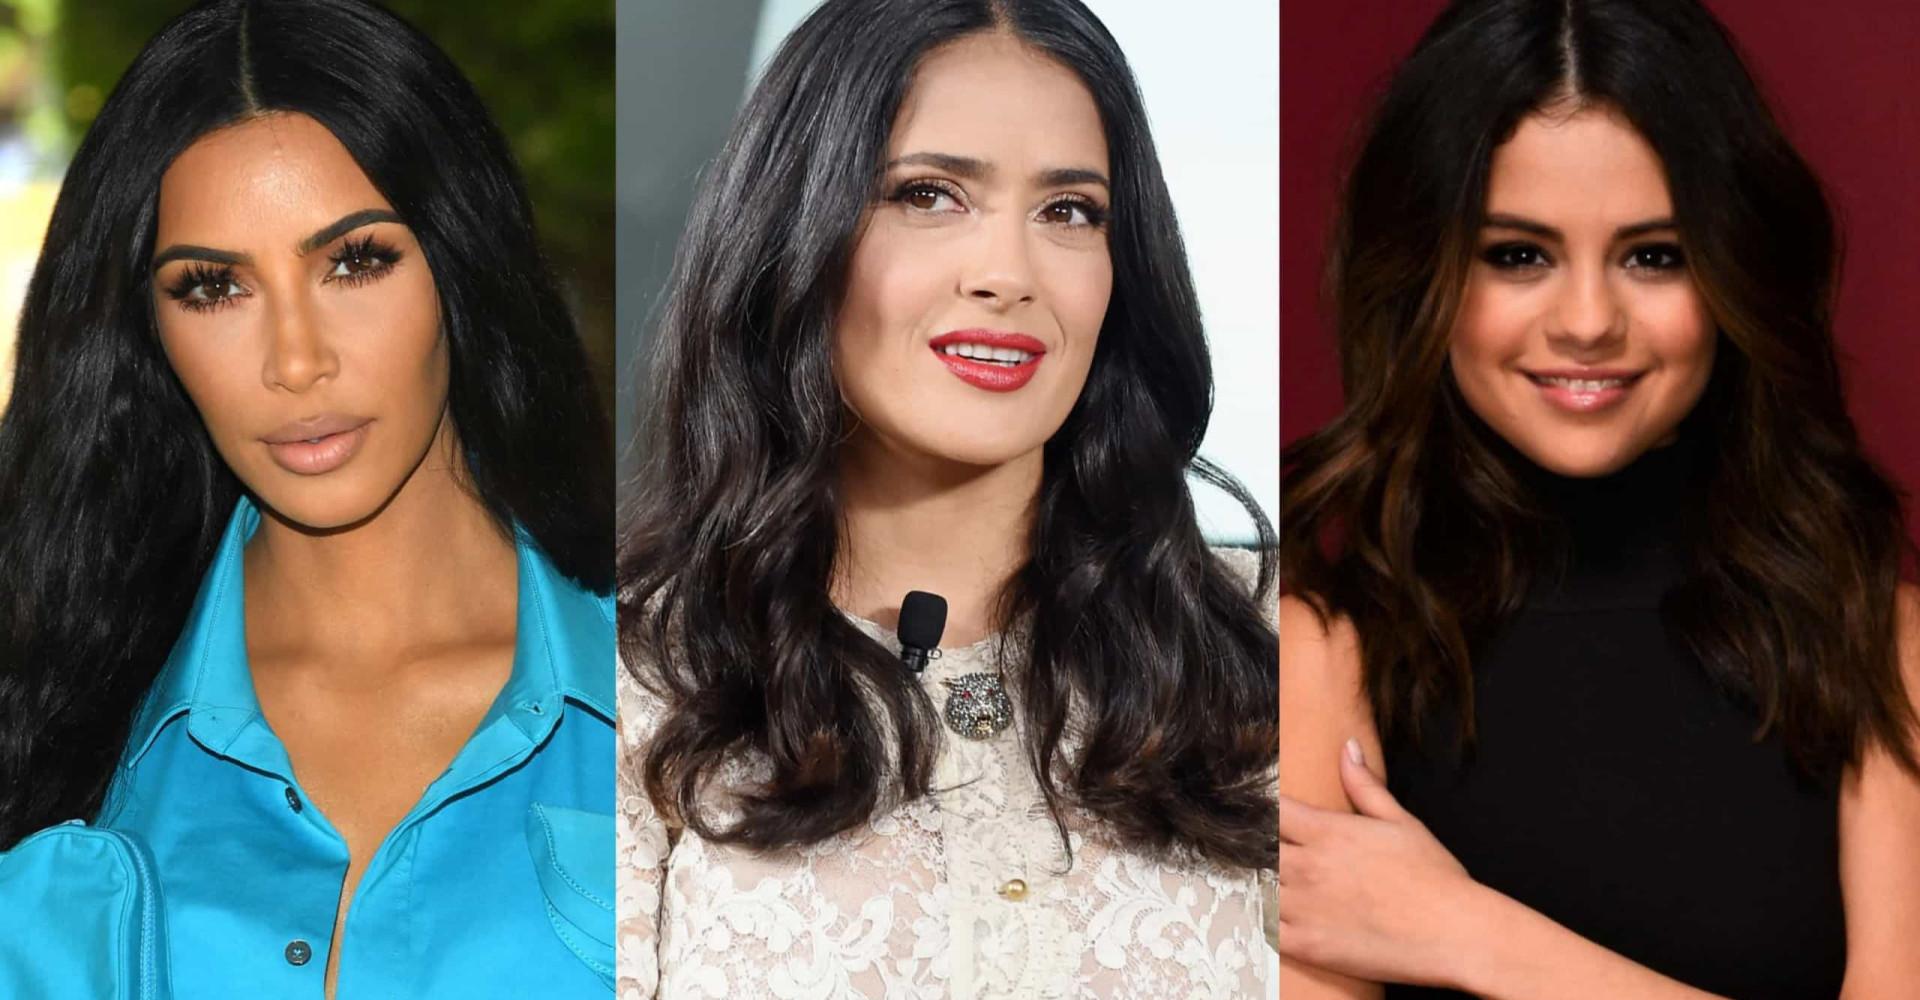 Maladies chroniques: ces célébrités en souffrent